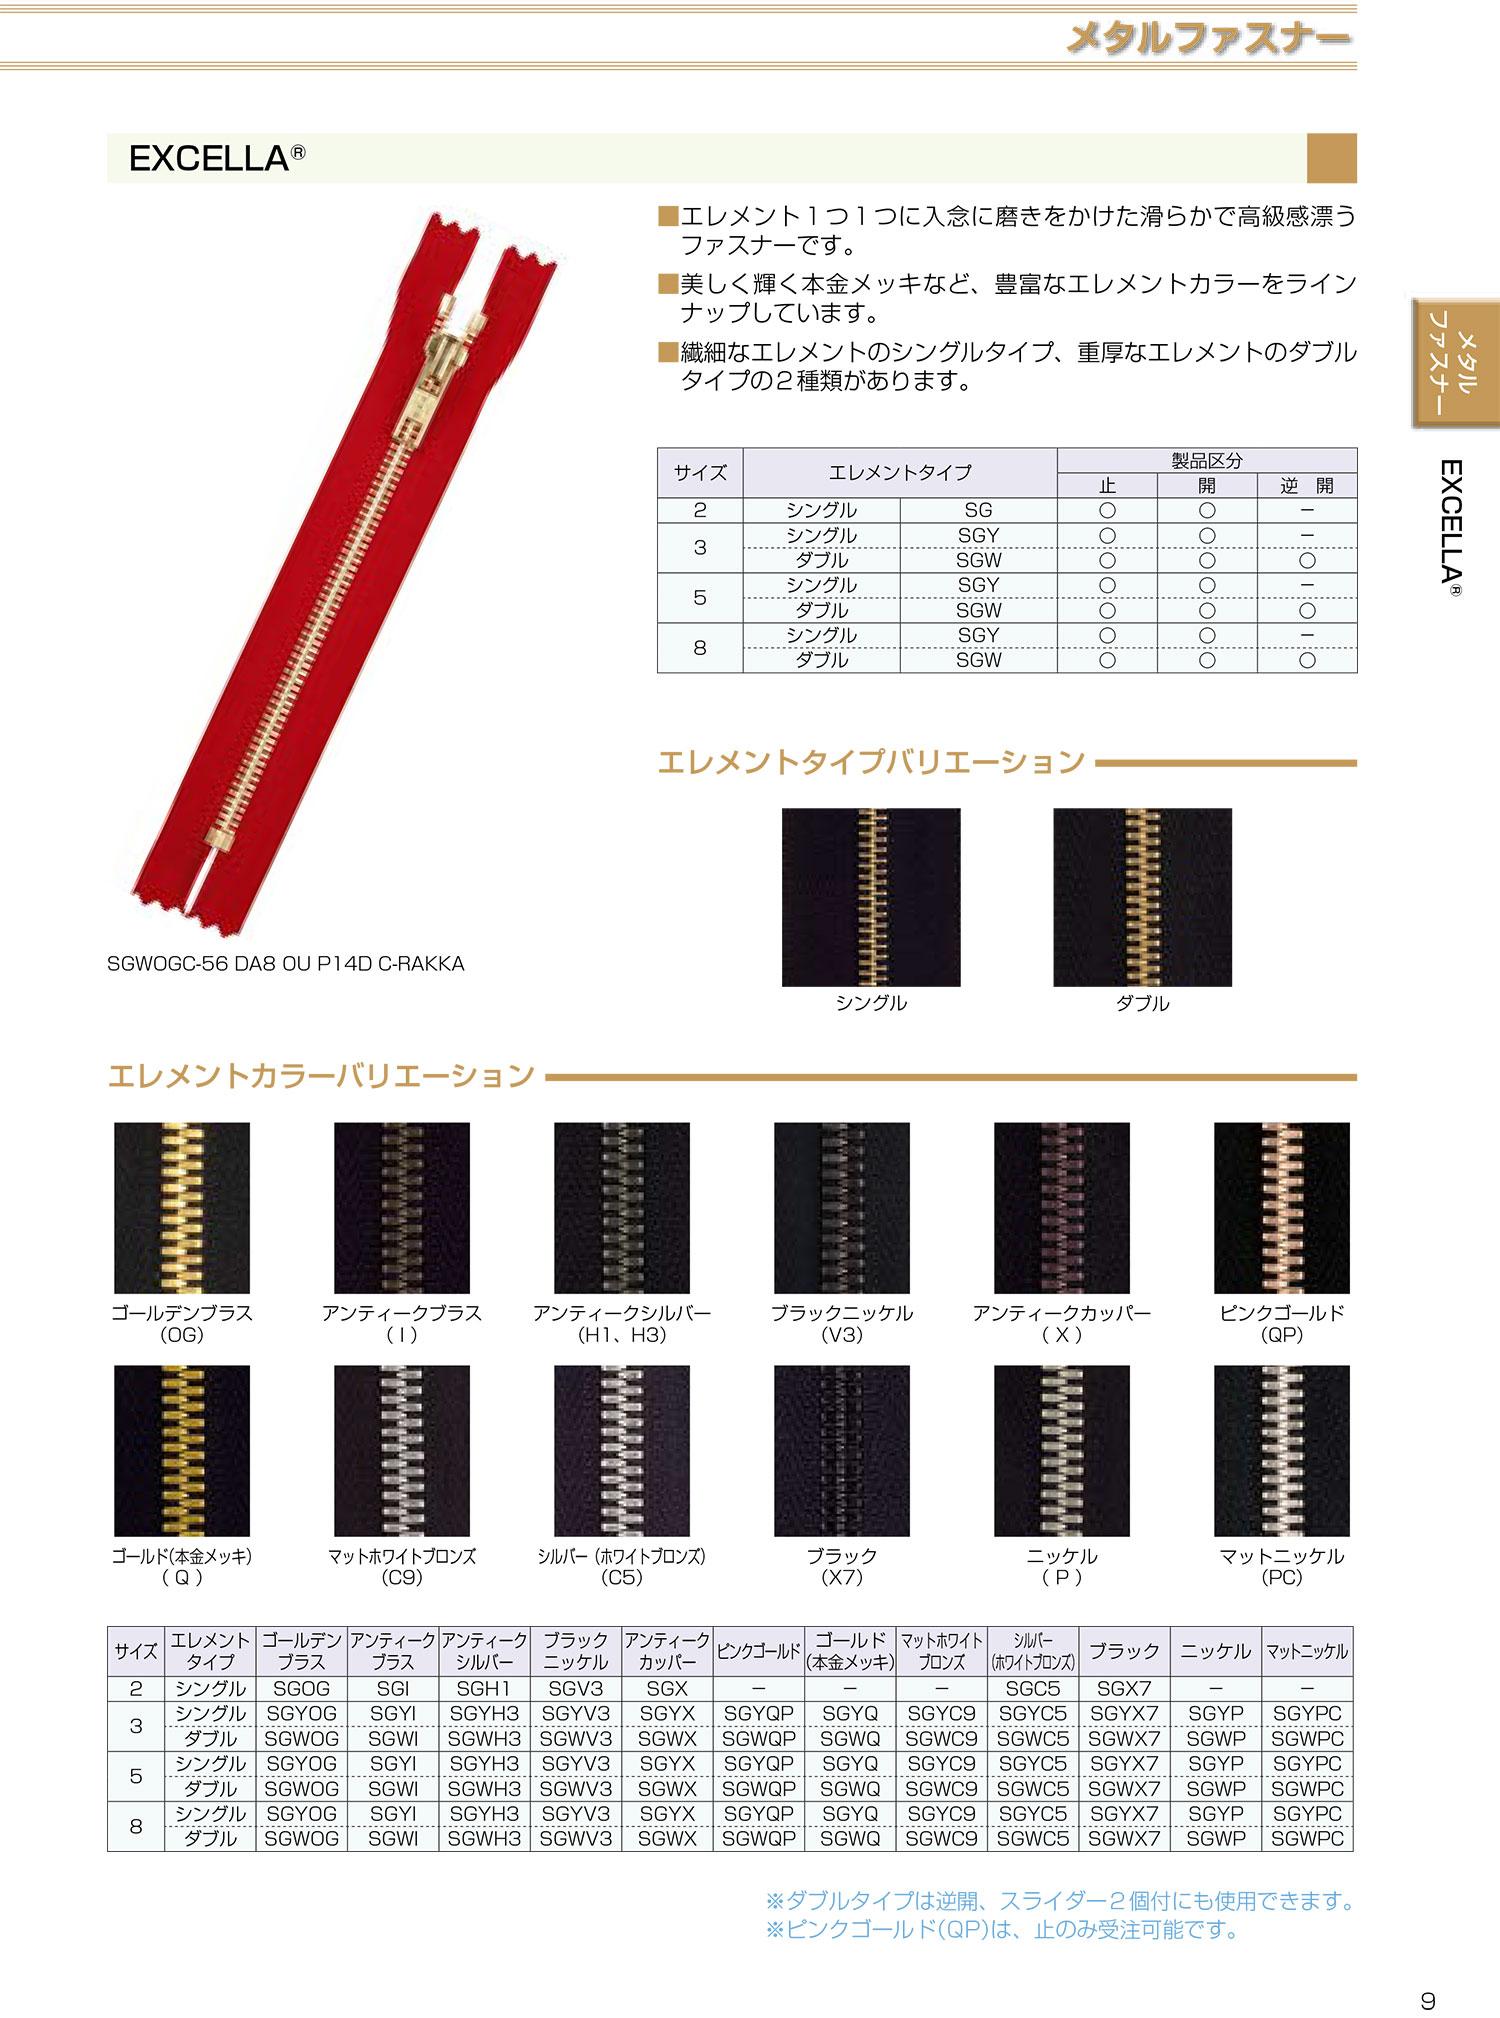 3SGWX7OR エクセラ 3サイズ ブラック オープン ダブルダブル[ファスナー] YKK/オークラ商事 - ApparelX アパレル資材卸通販